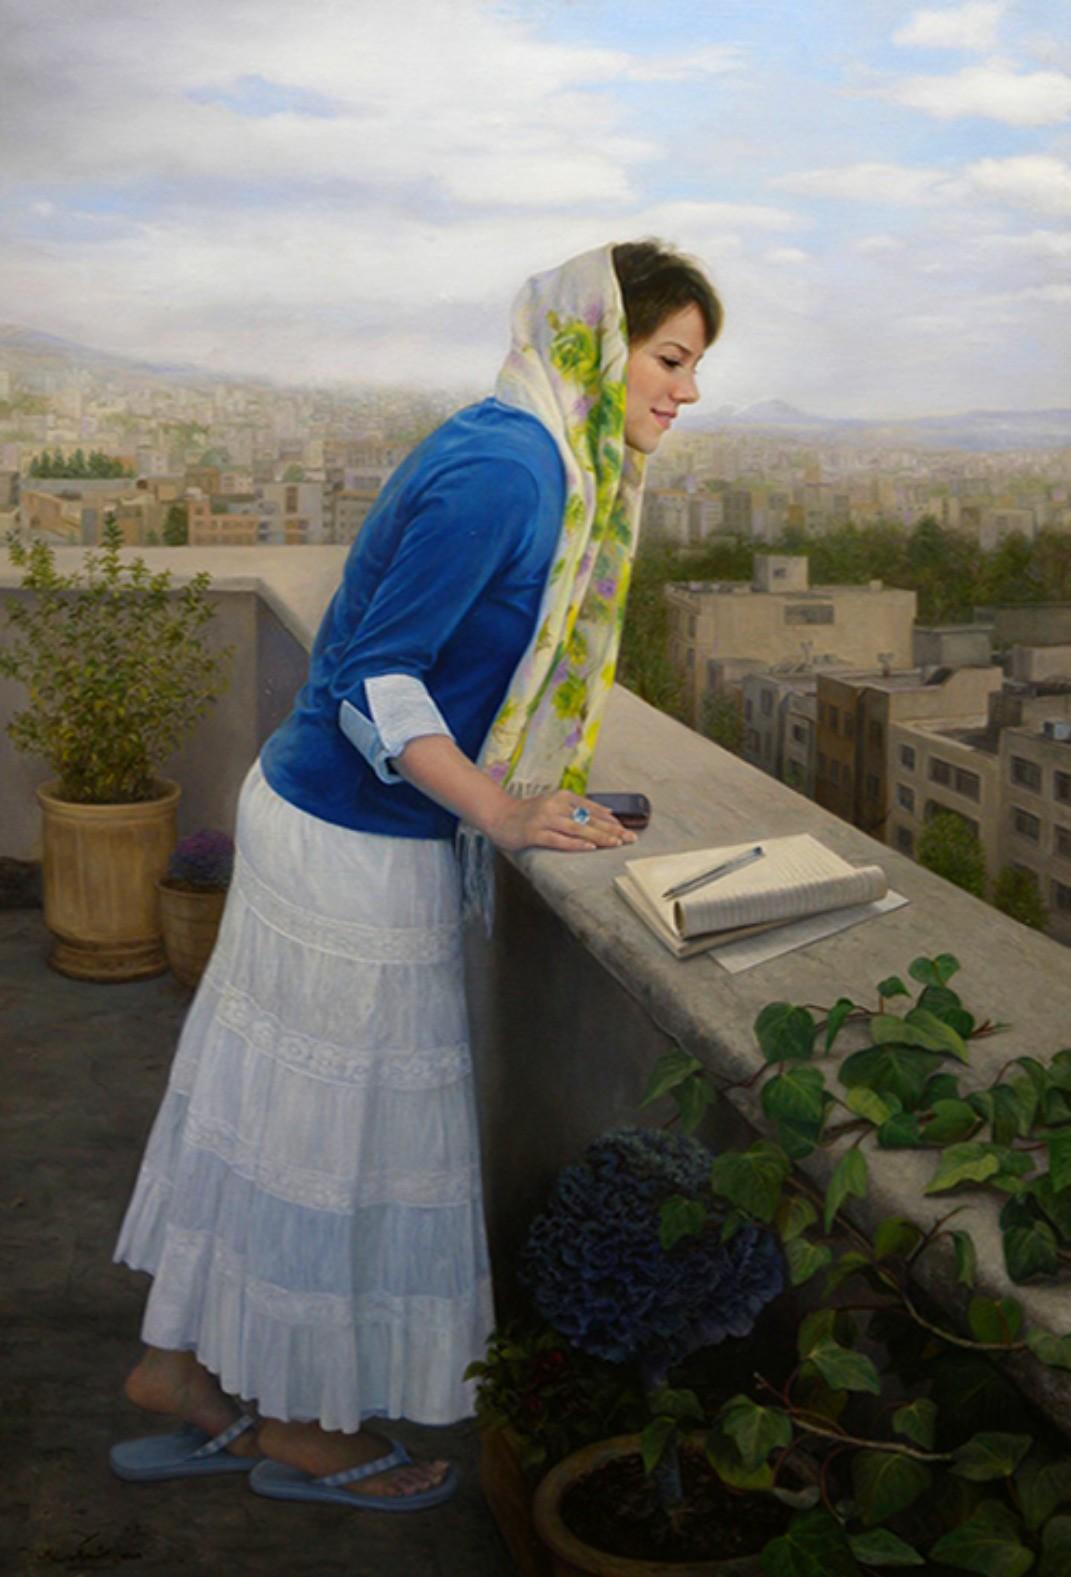 Eid Mubarak, इक चाँद फ़लक पर है , इक बाम पे निकला है दिल इक में बसा जाये , इक दिल में बसा जाऐ ........... फिराक़ गोरखपुरी 'A Date', 2010, Painting by Sheida keyhan haghighi, Iranian, Born 1983 ___________________________ इक चाँद फ़लक पर है , इक बाम पे निकला है दिल इक में बसा जाये , इक दिल में बसा जाऐ ........... फिराक़ गोरखपुरी फ़लक : sky, heaven, आसमान, भाग्य बाम : the roof of a house, terrace , छत ___________________________